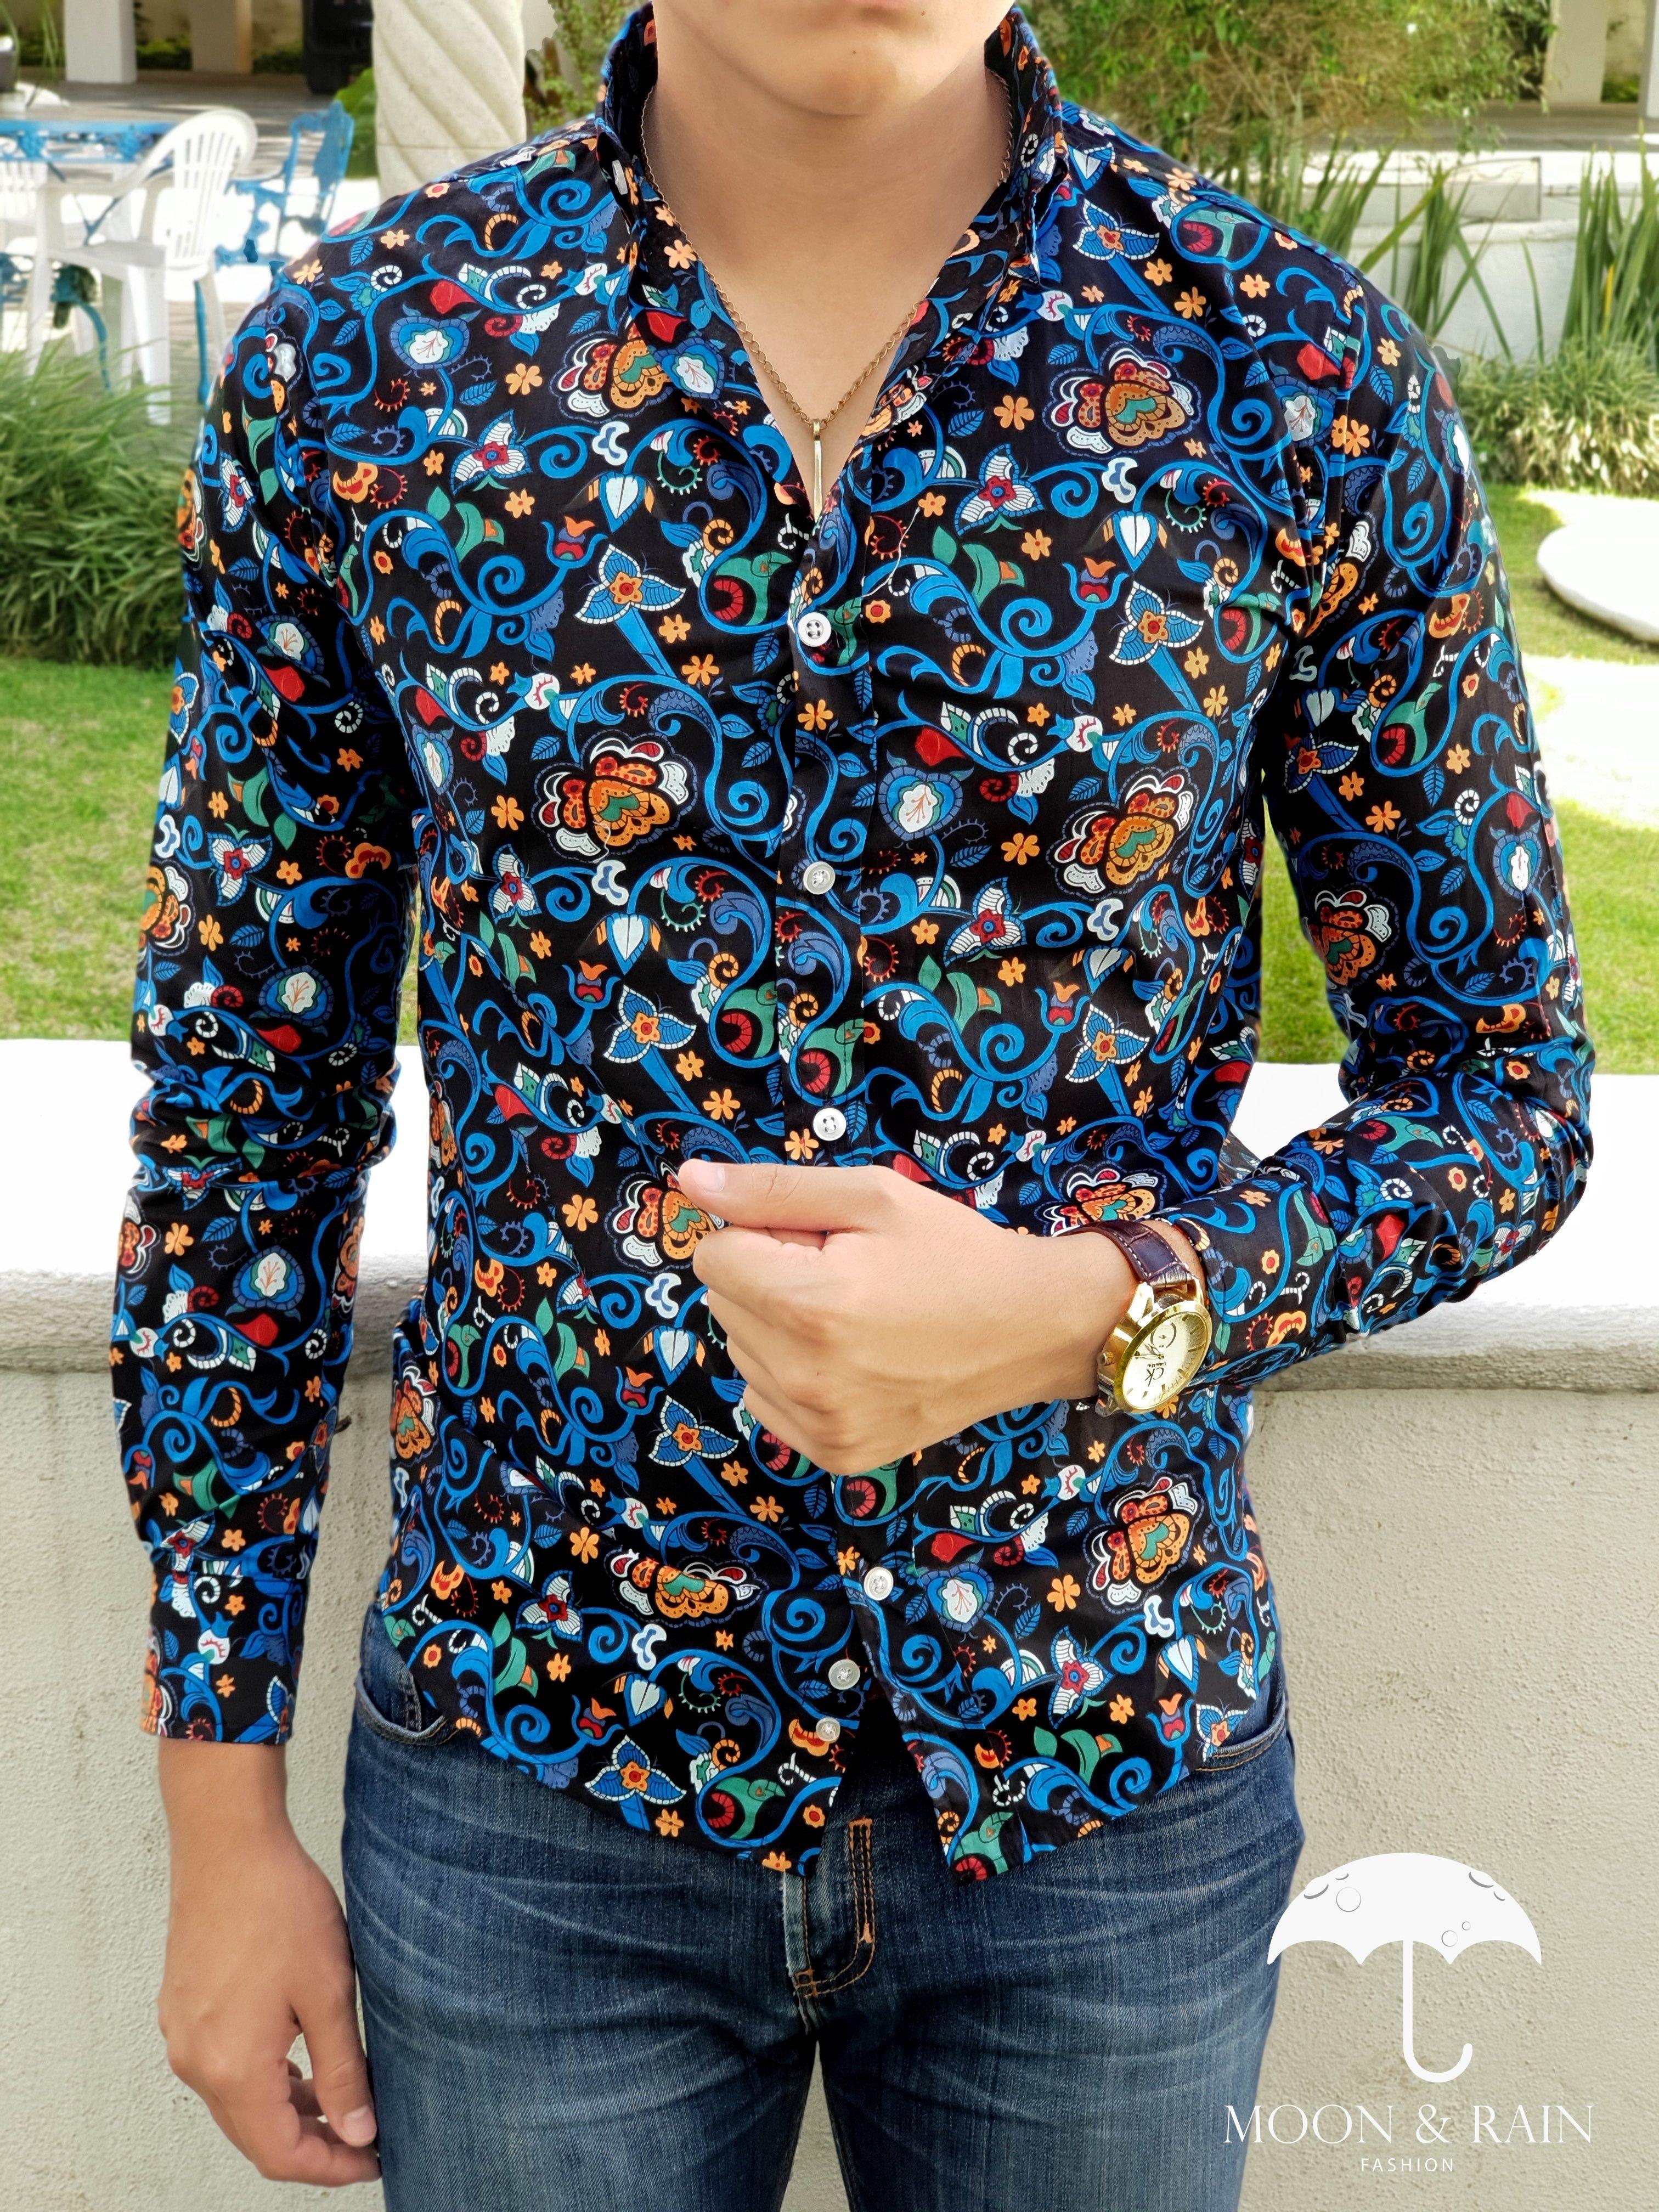 Outfit para hombre  camisa negra con flores de colores en manga larga y  jeans de mezclilla  6d3c6040c859f